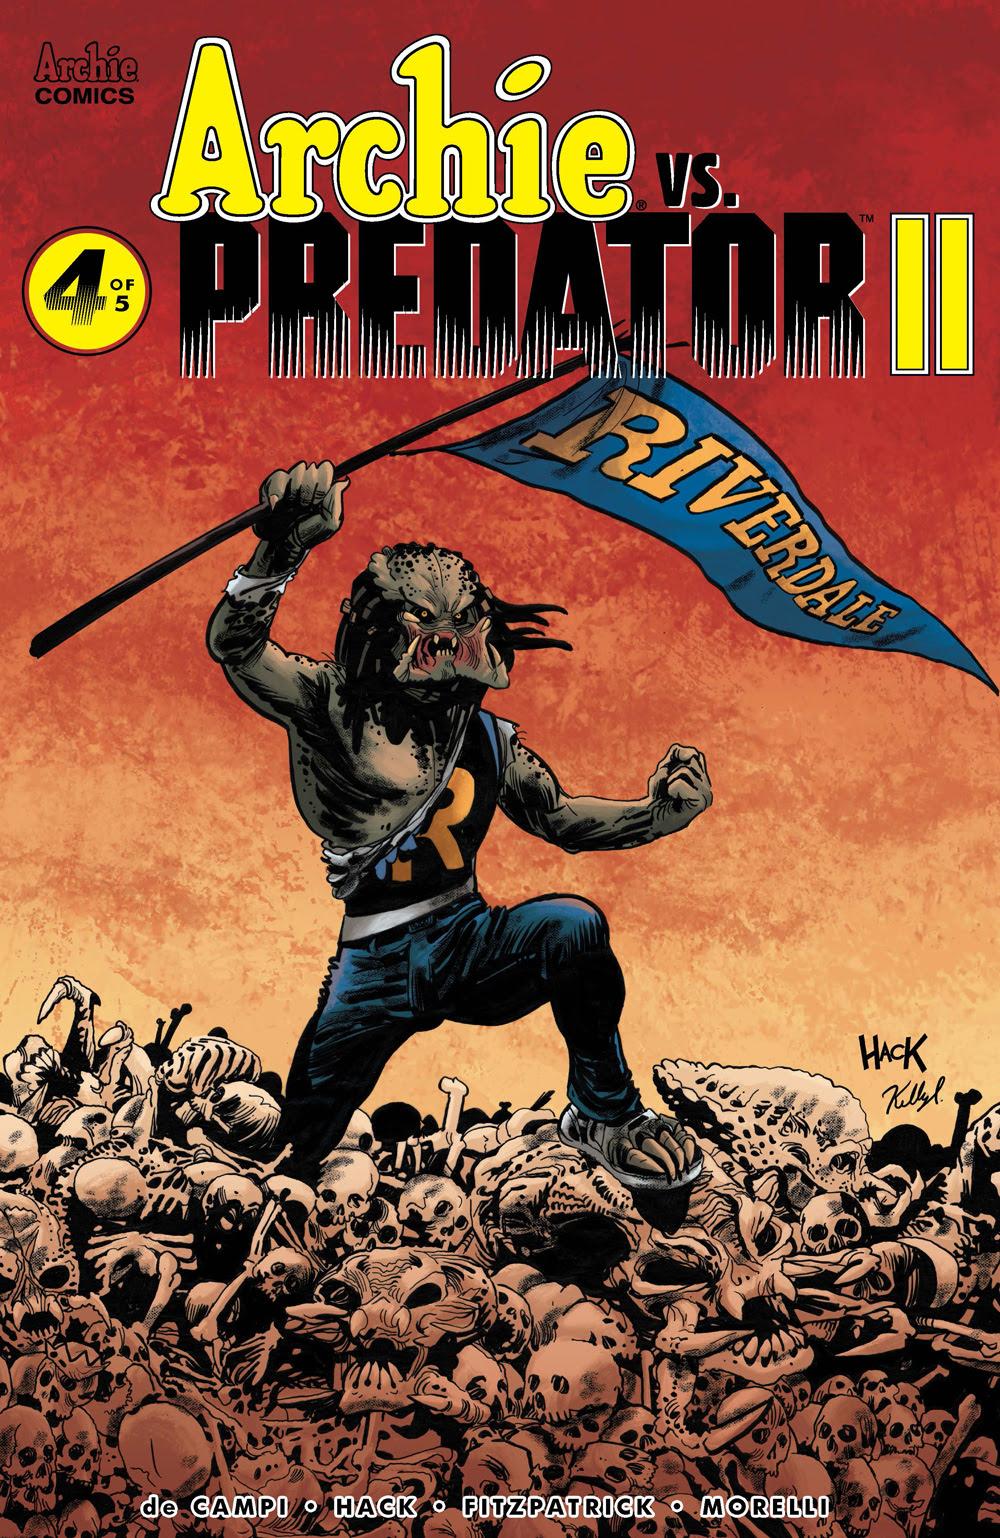 ARCHIE VS. PREDATOR 2 #4: CVR A Hack